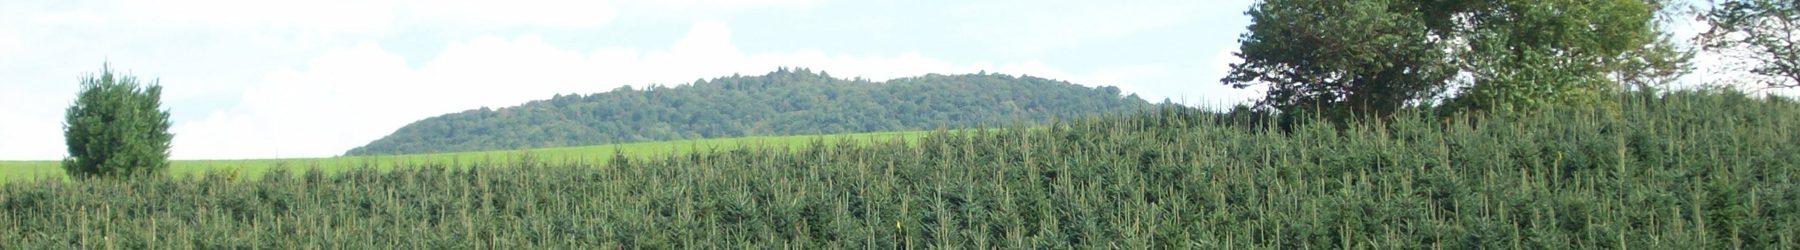 mountain advantage christmas trees